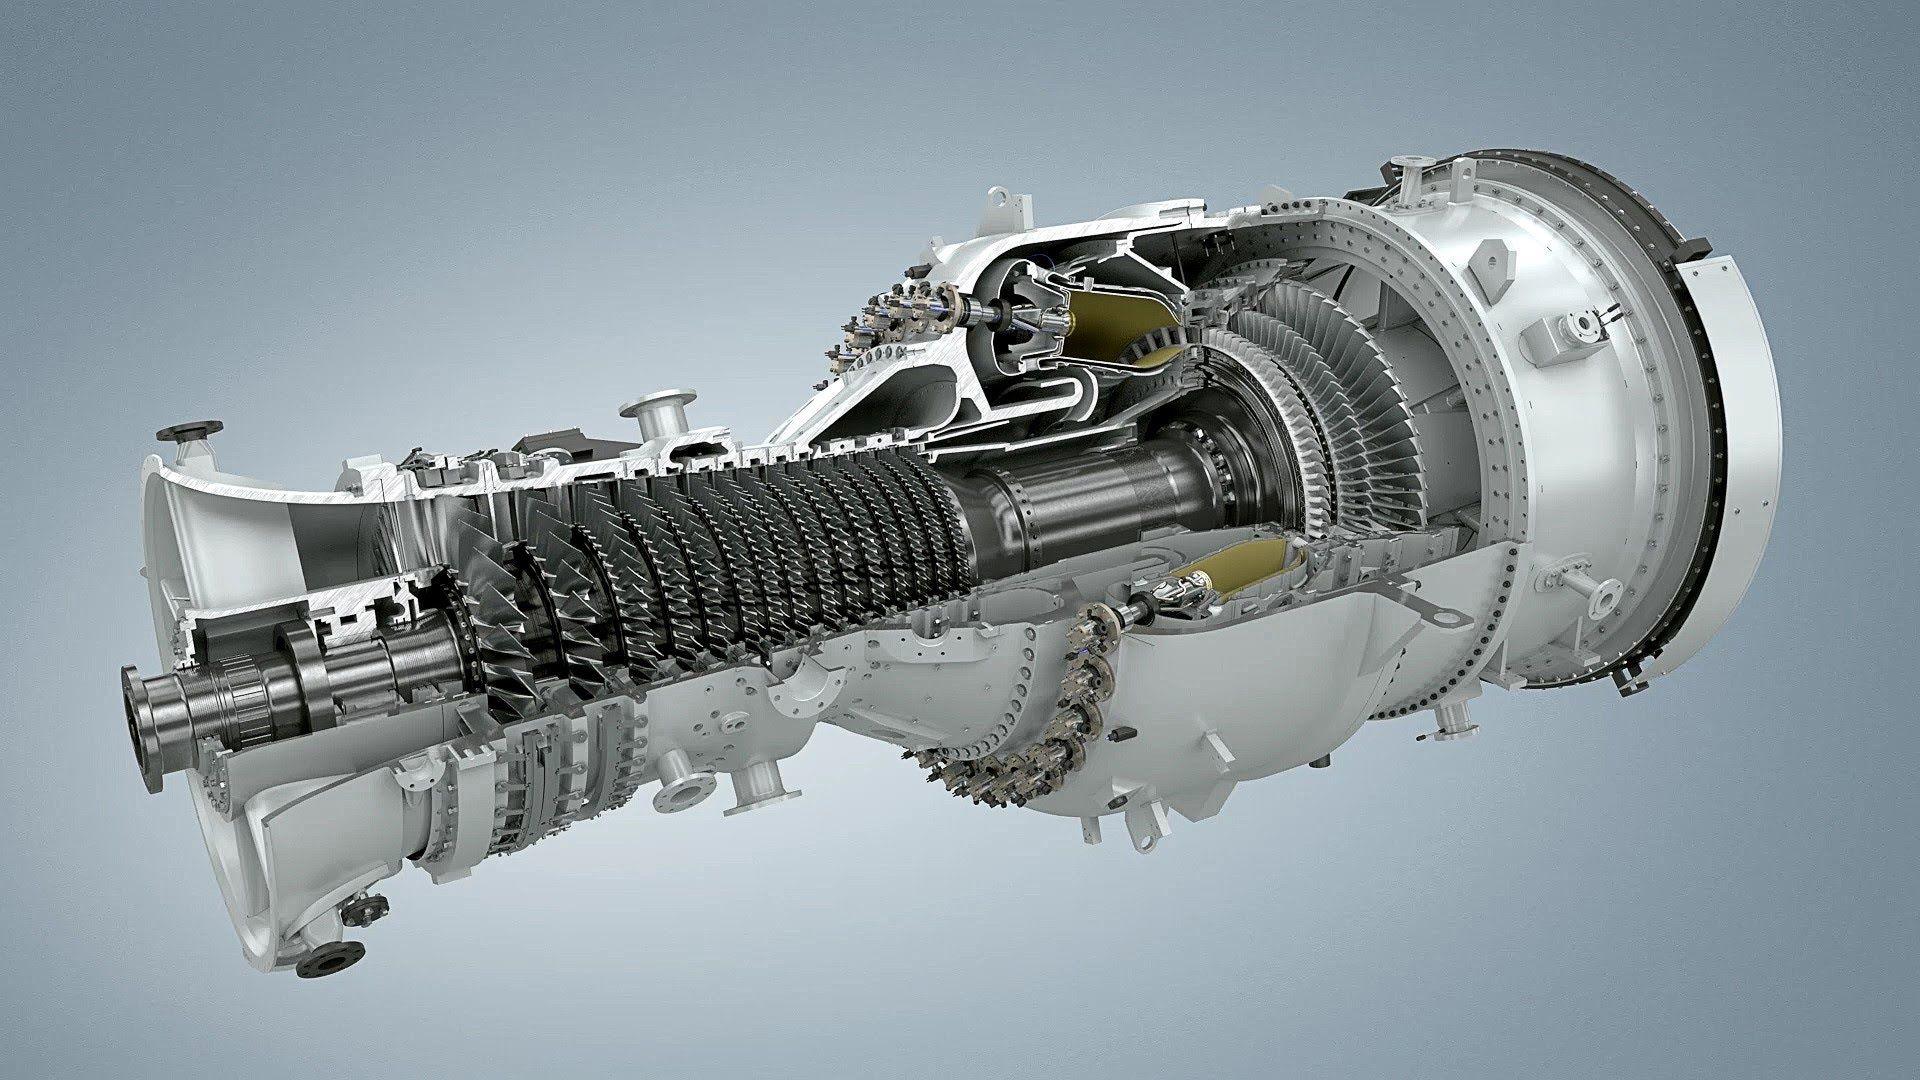 Siemens SGT-800:50 MW Gas Turbine | Astronautics | Gas